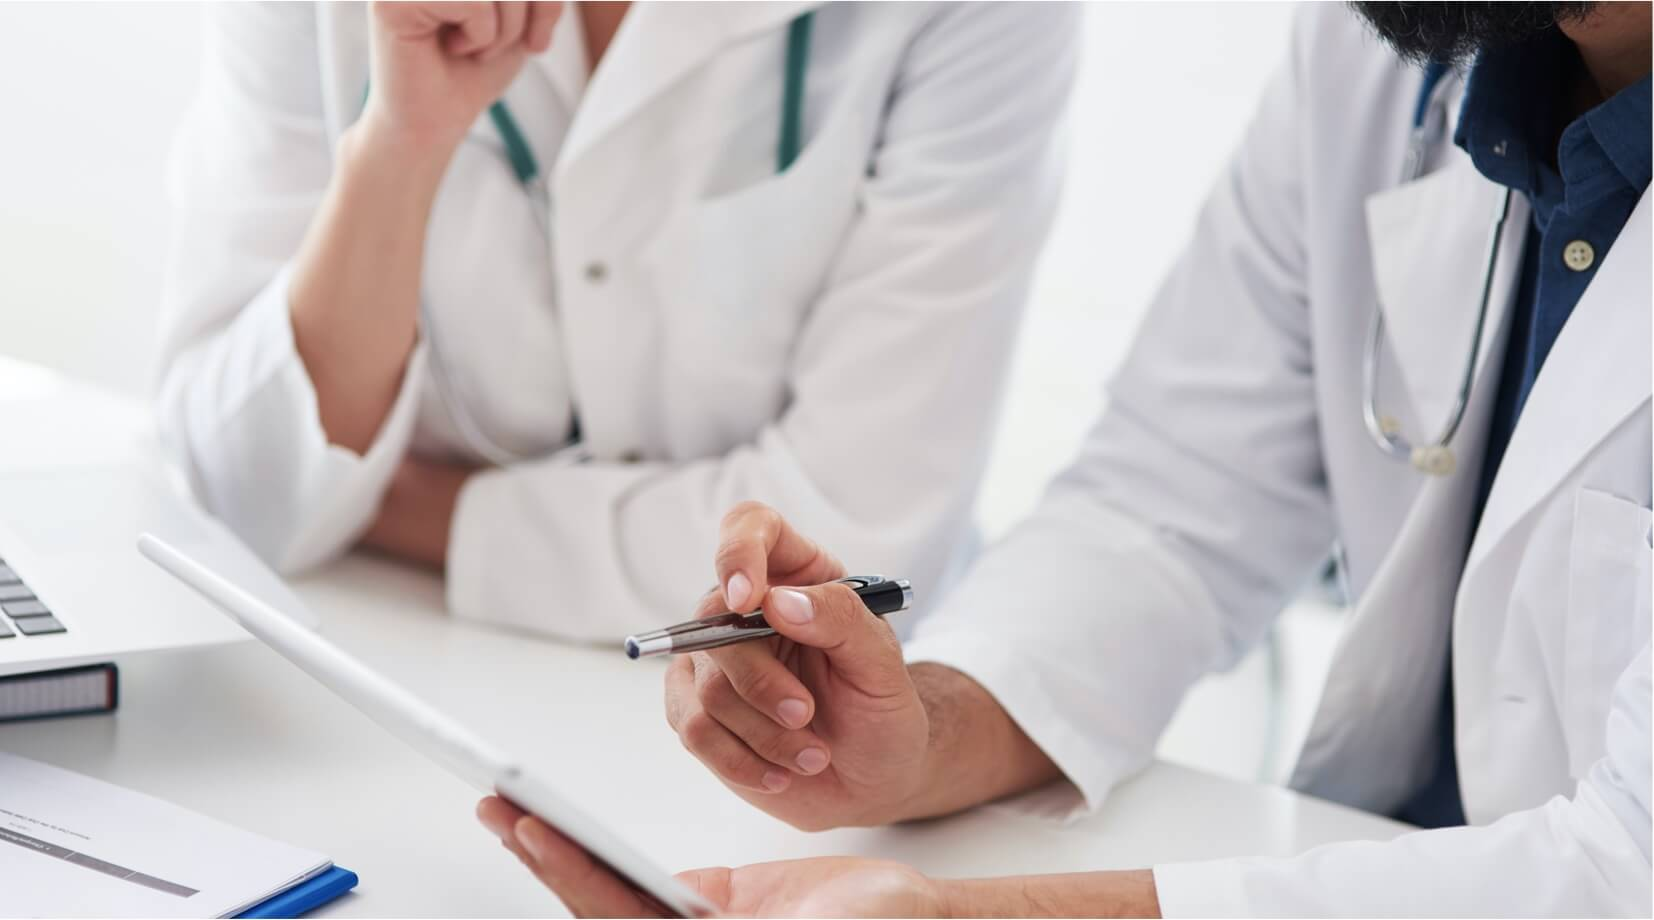 Lekarze omawiający wyniki badań